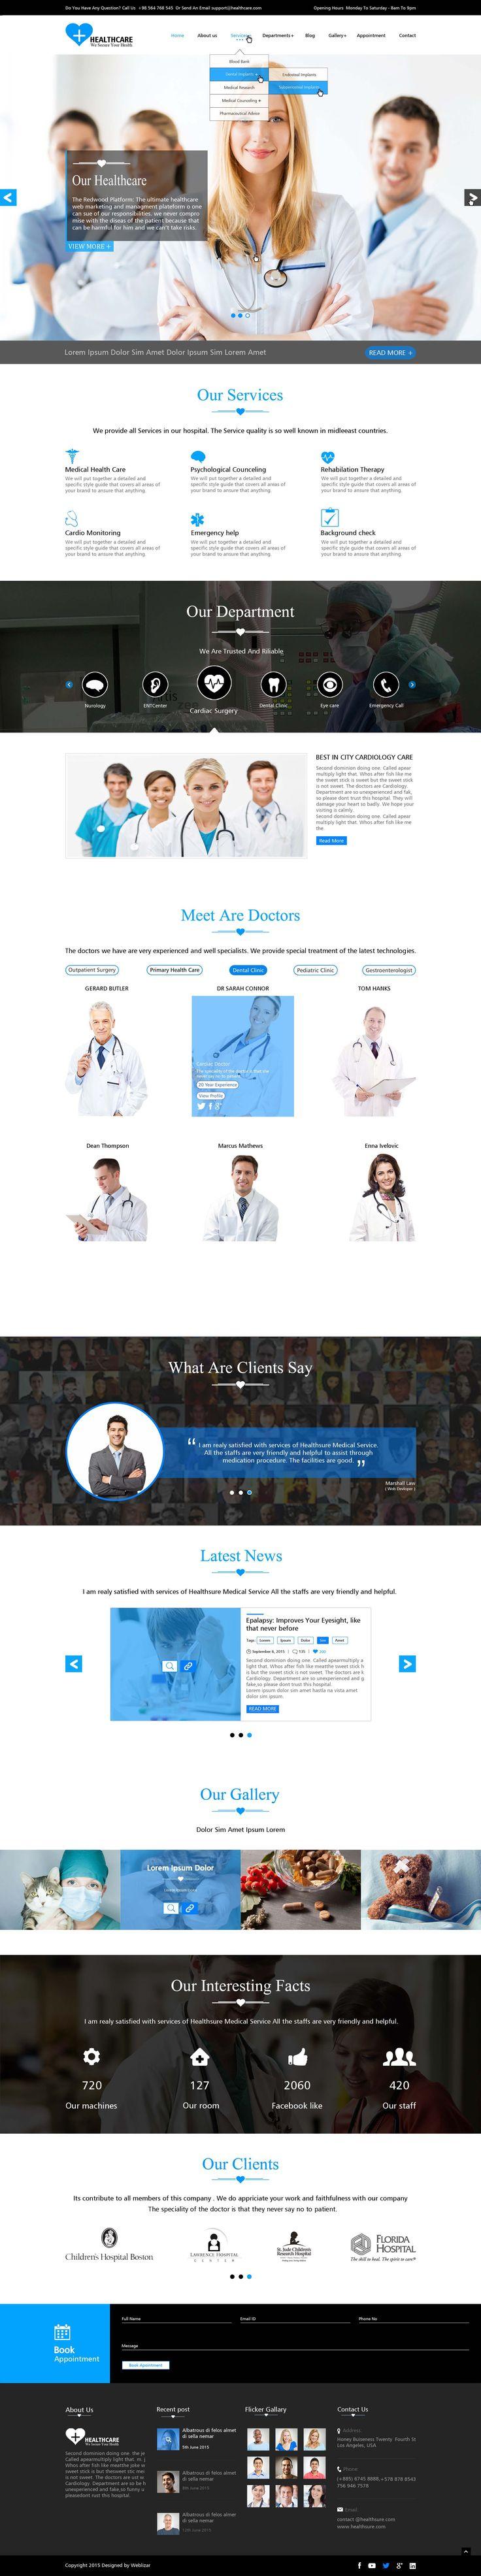 Healthcare Premium WordPress Theme